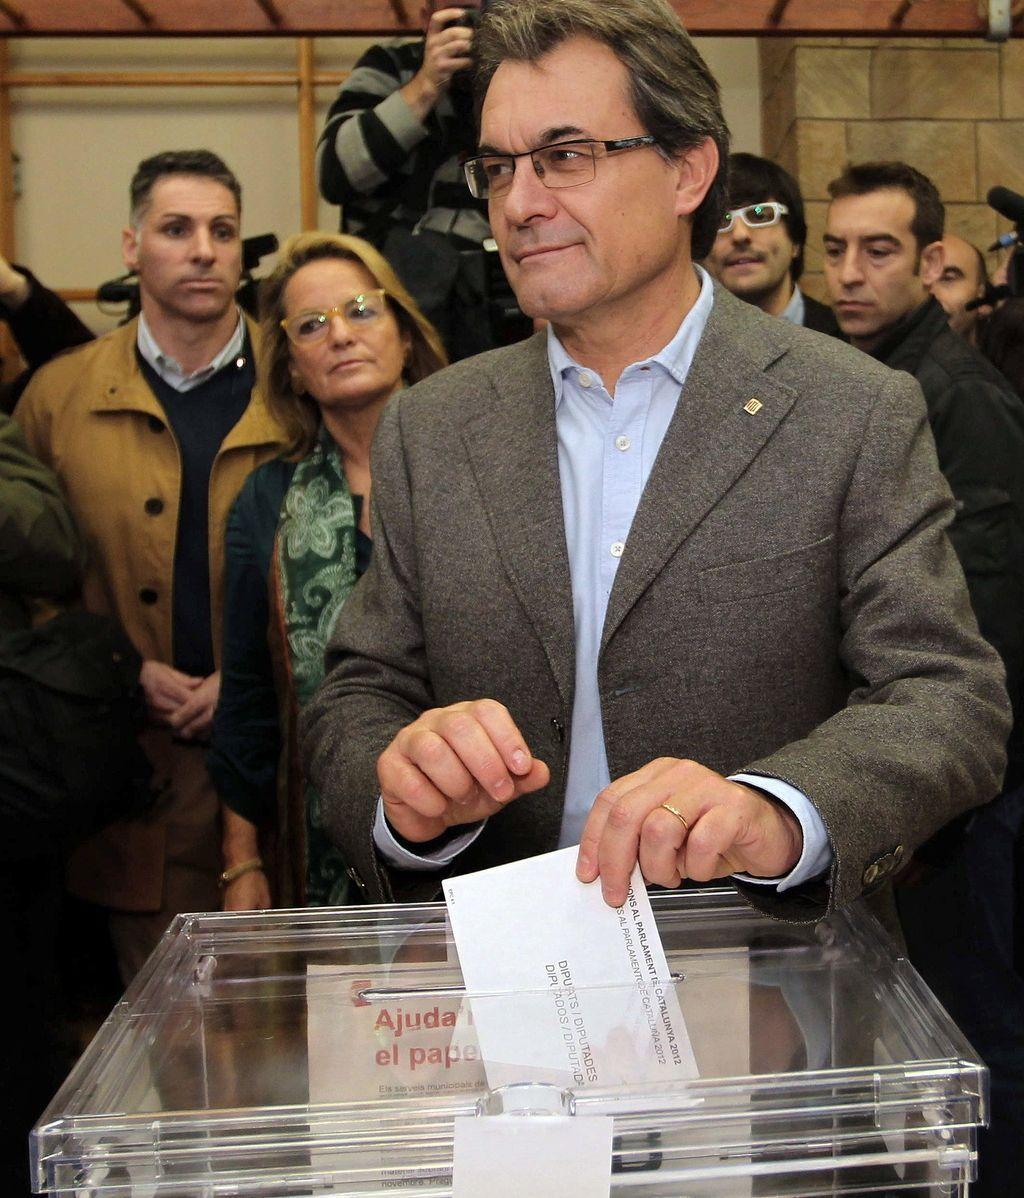 El presidente catalán y candidato de CiU a la reelección, Artur Mas